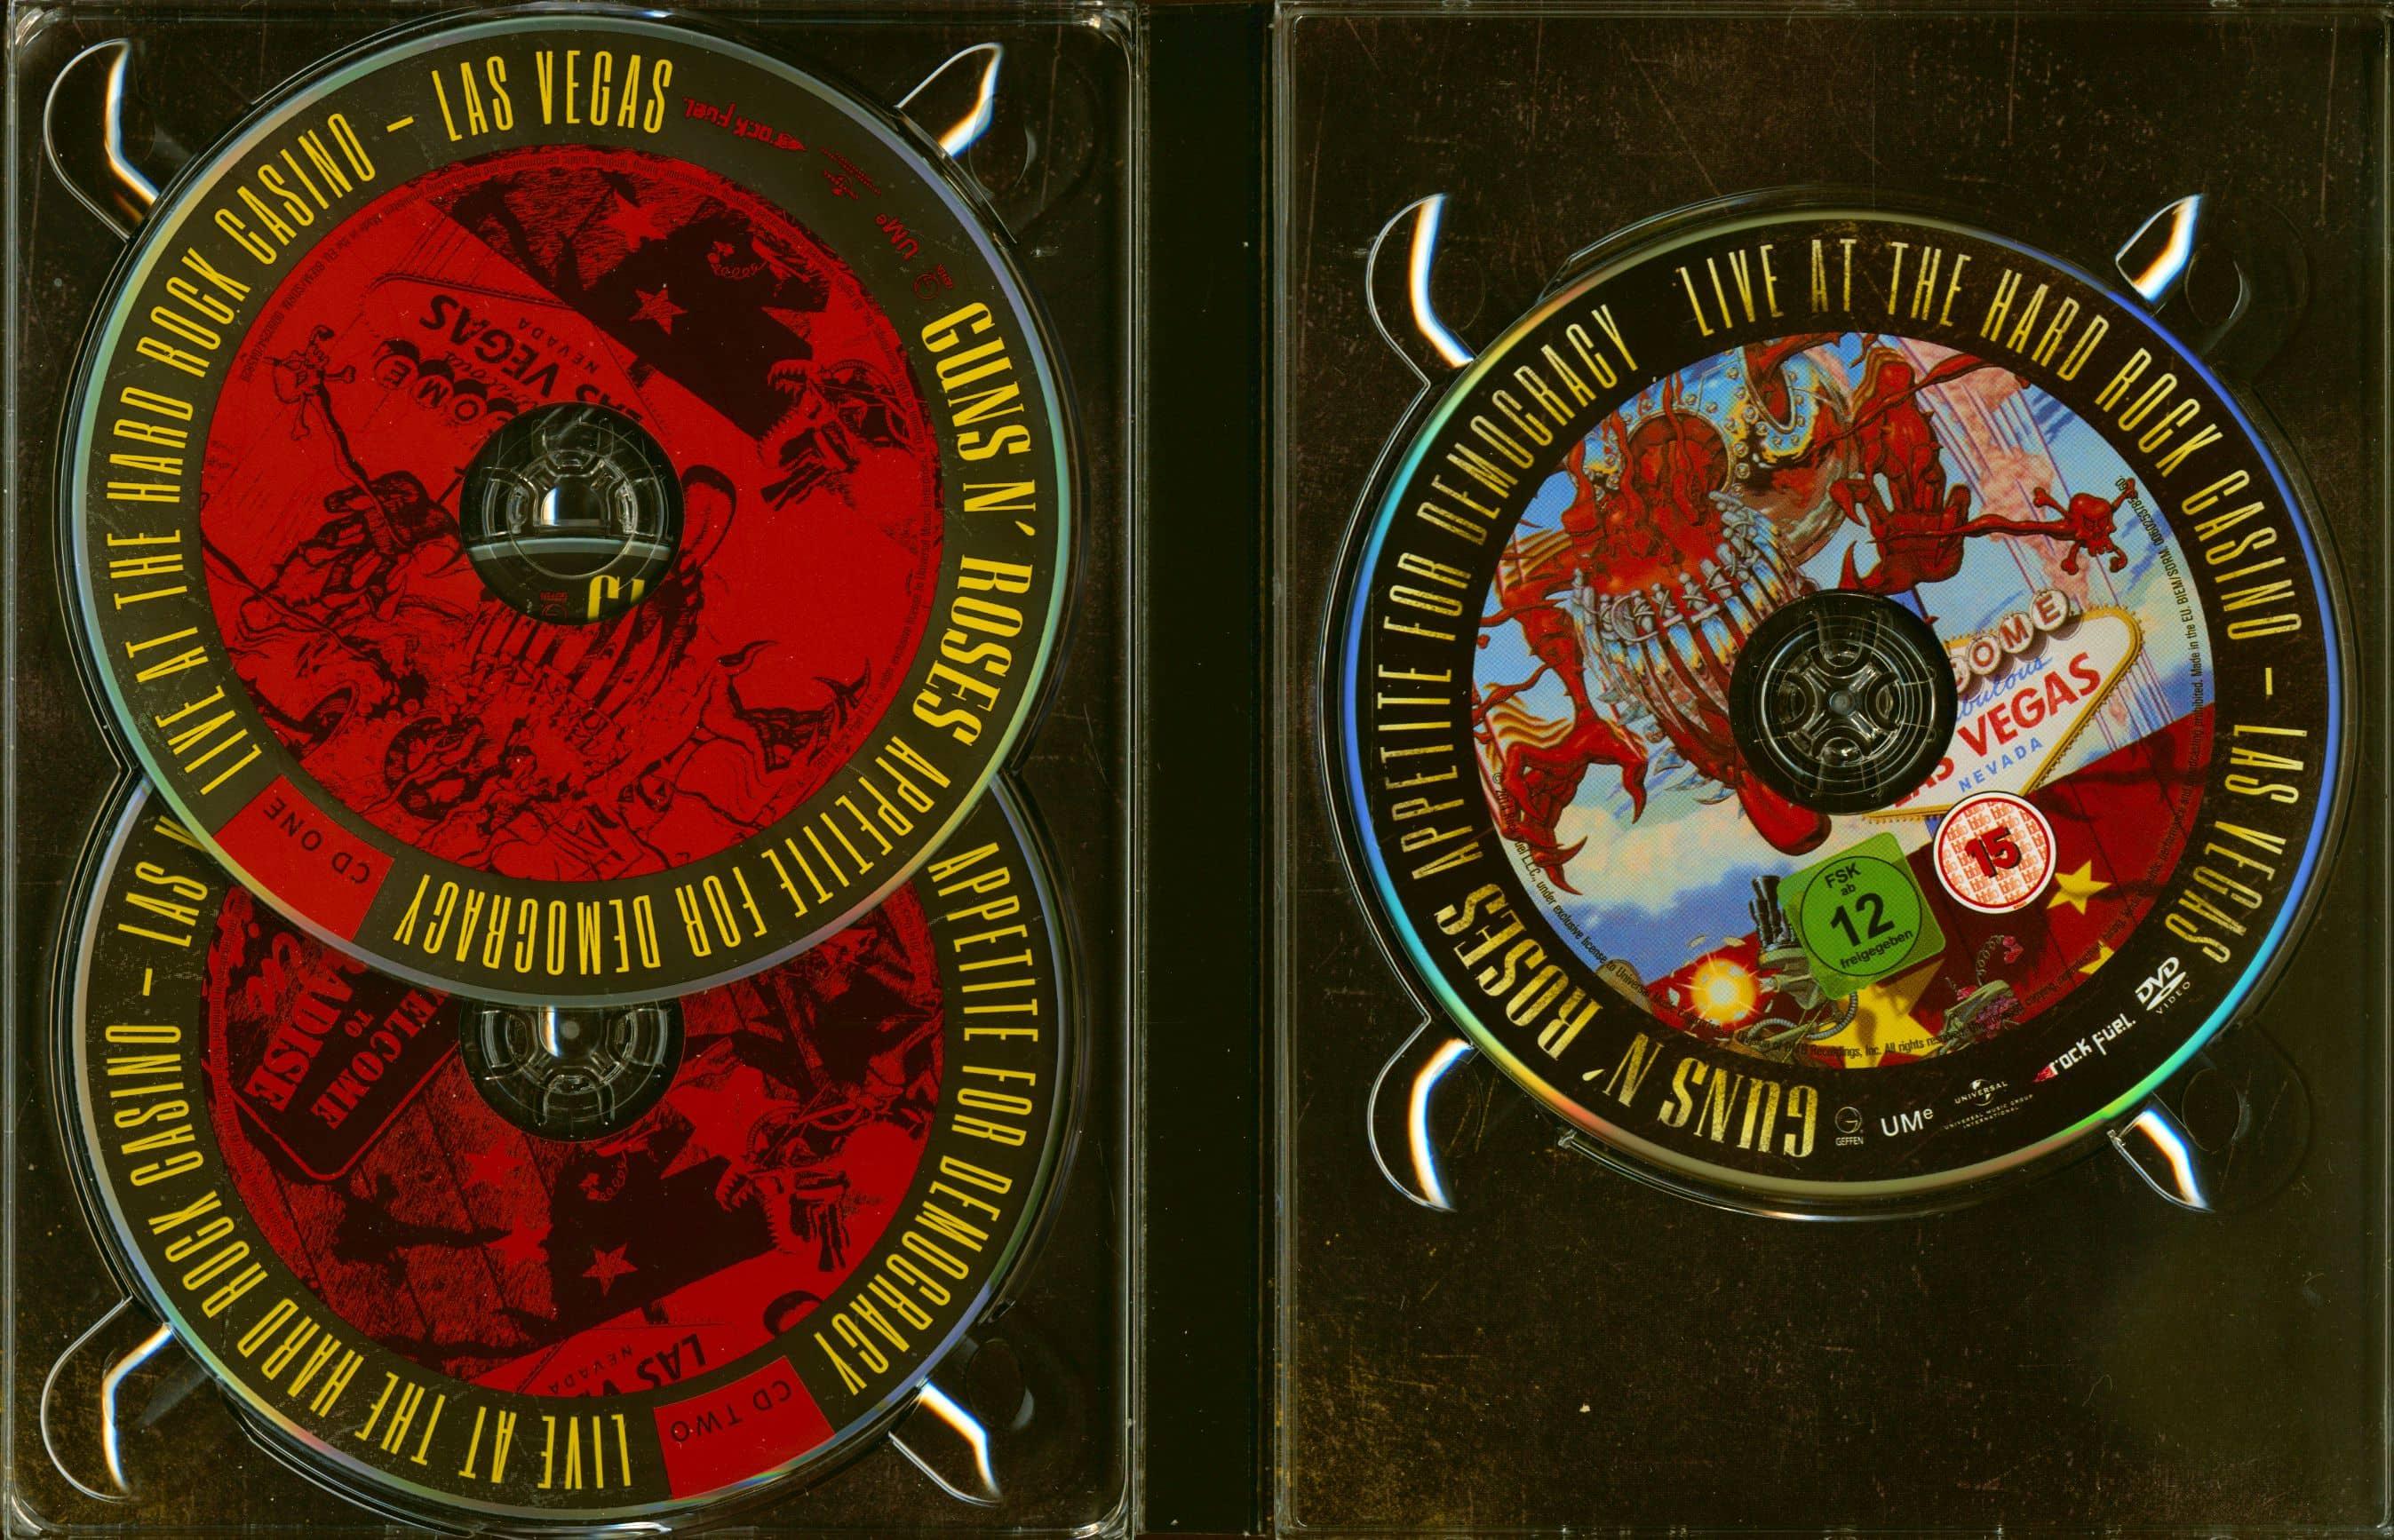 Guns N Roses Cd Appetite For Democracy 2 Cd Amp Dvd